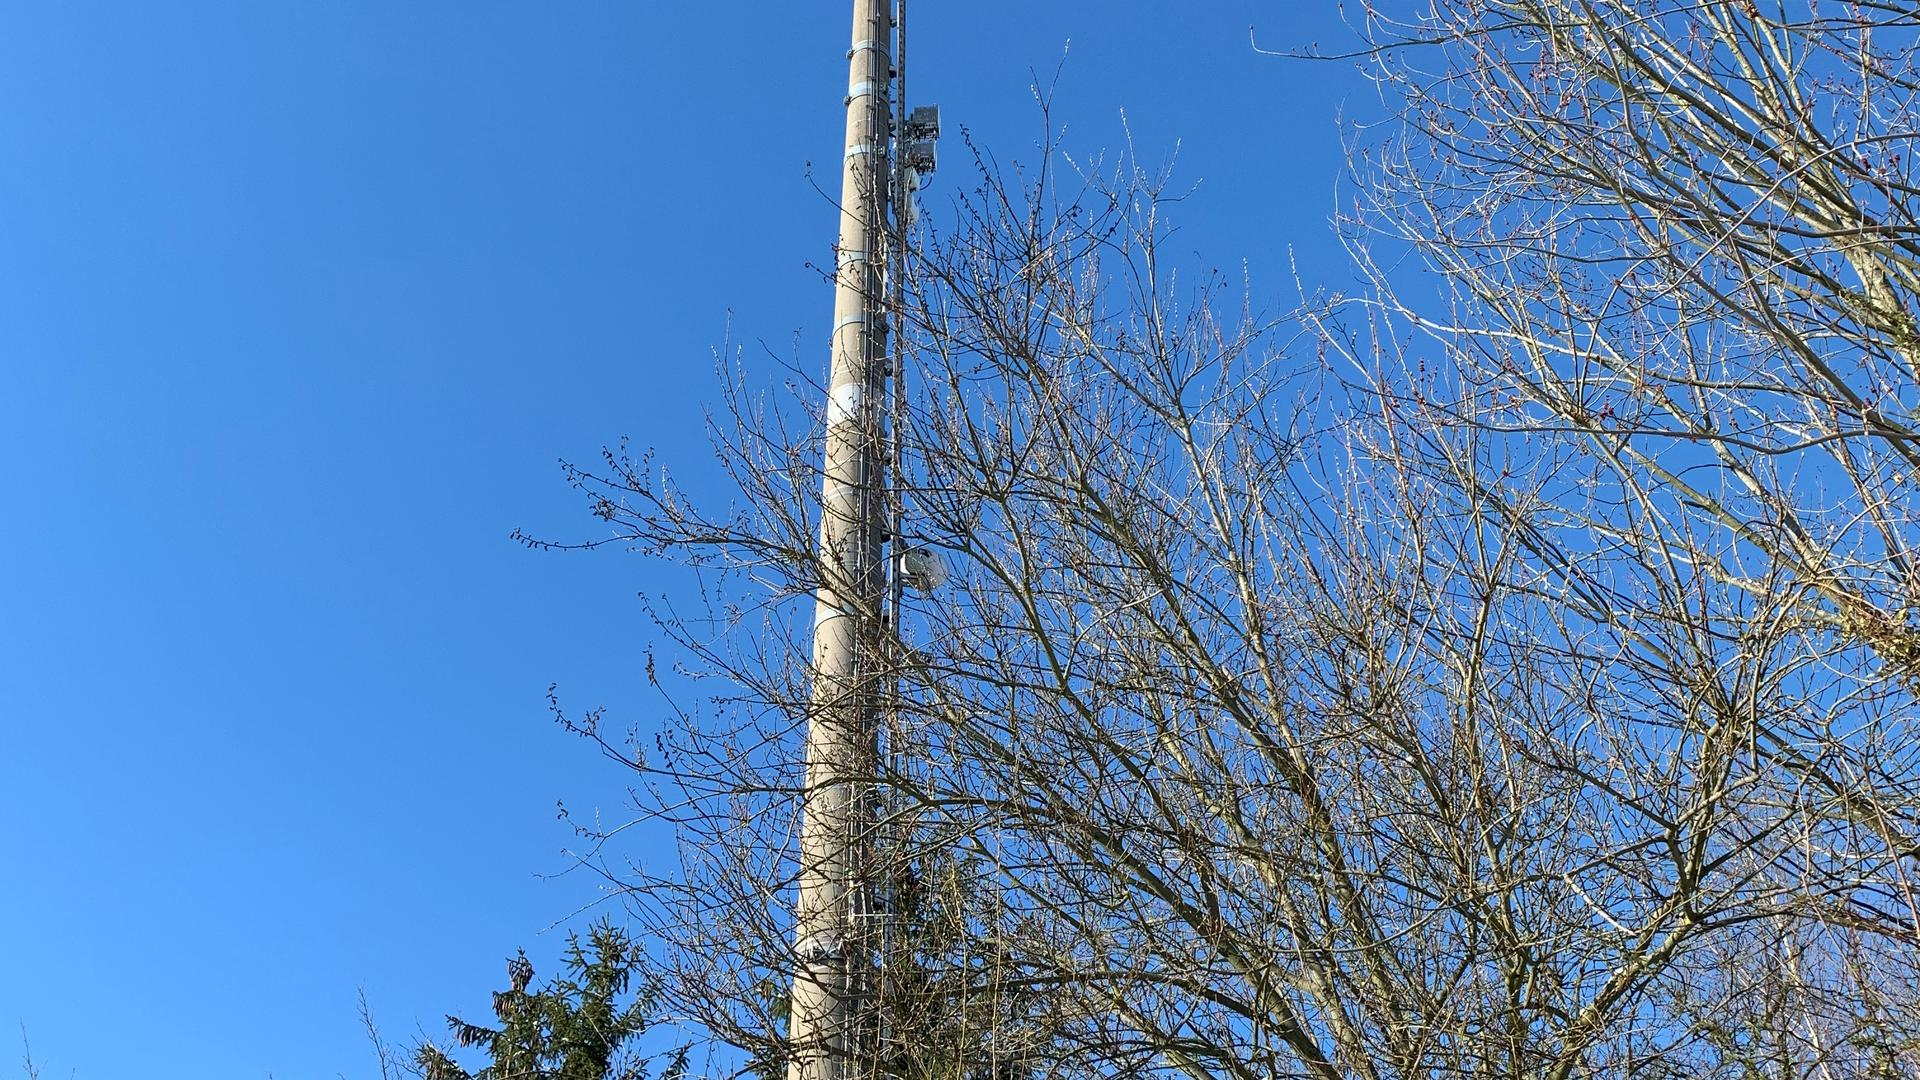 Funkmast hinter Bäumen